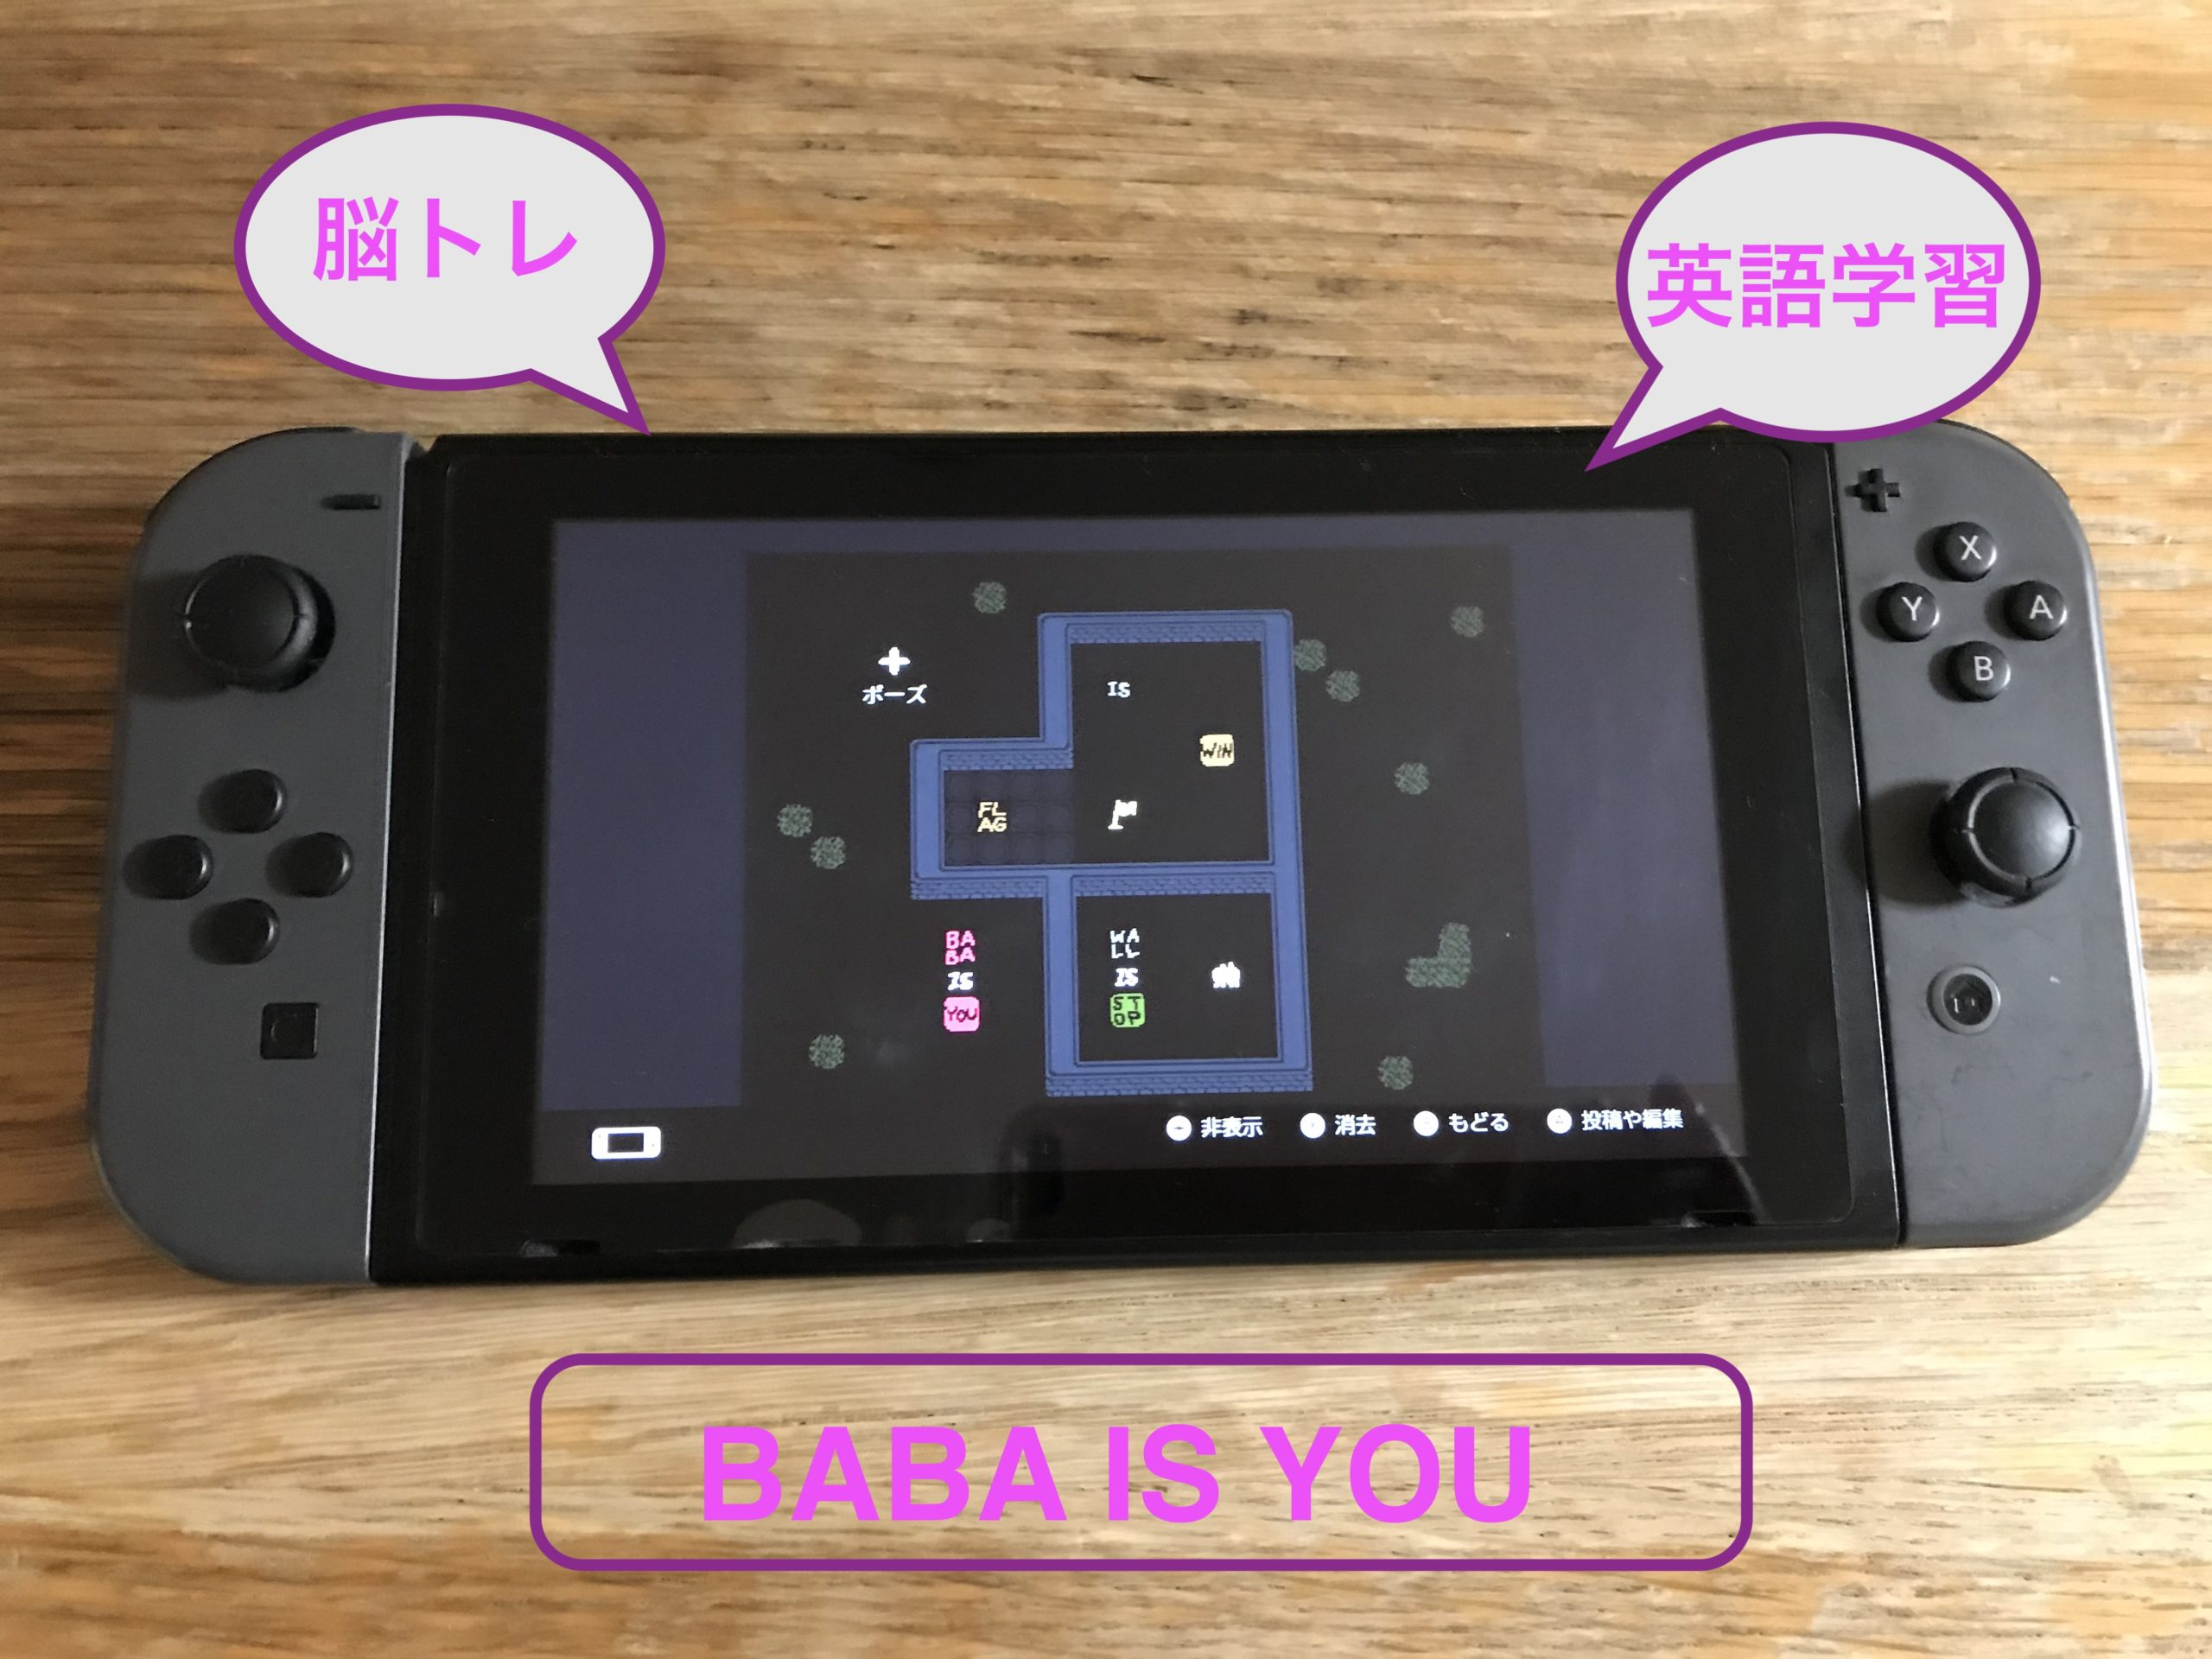 「Baba Is You」は小学生の英語学習&脳トレに役立つ!レビュー